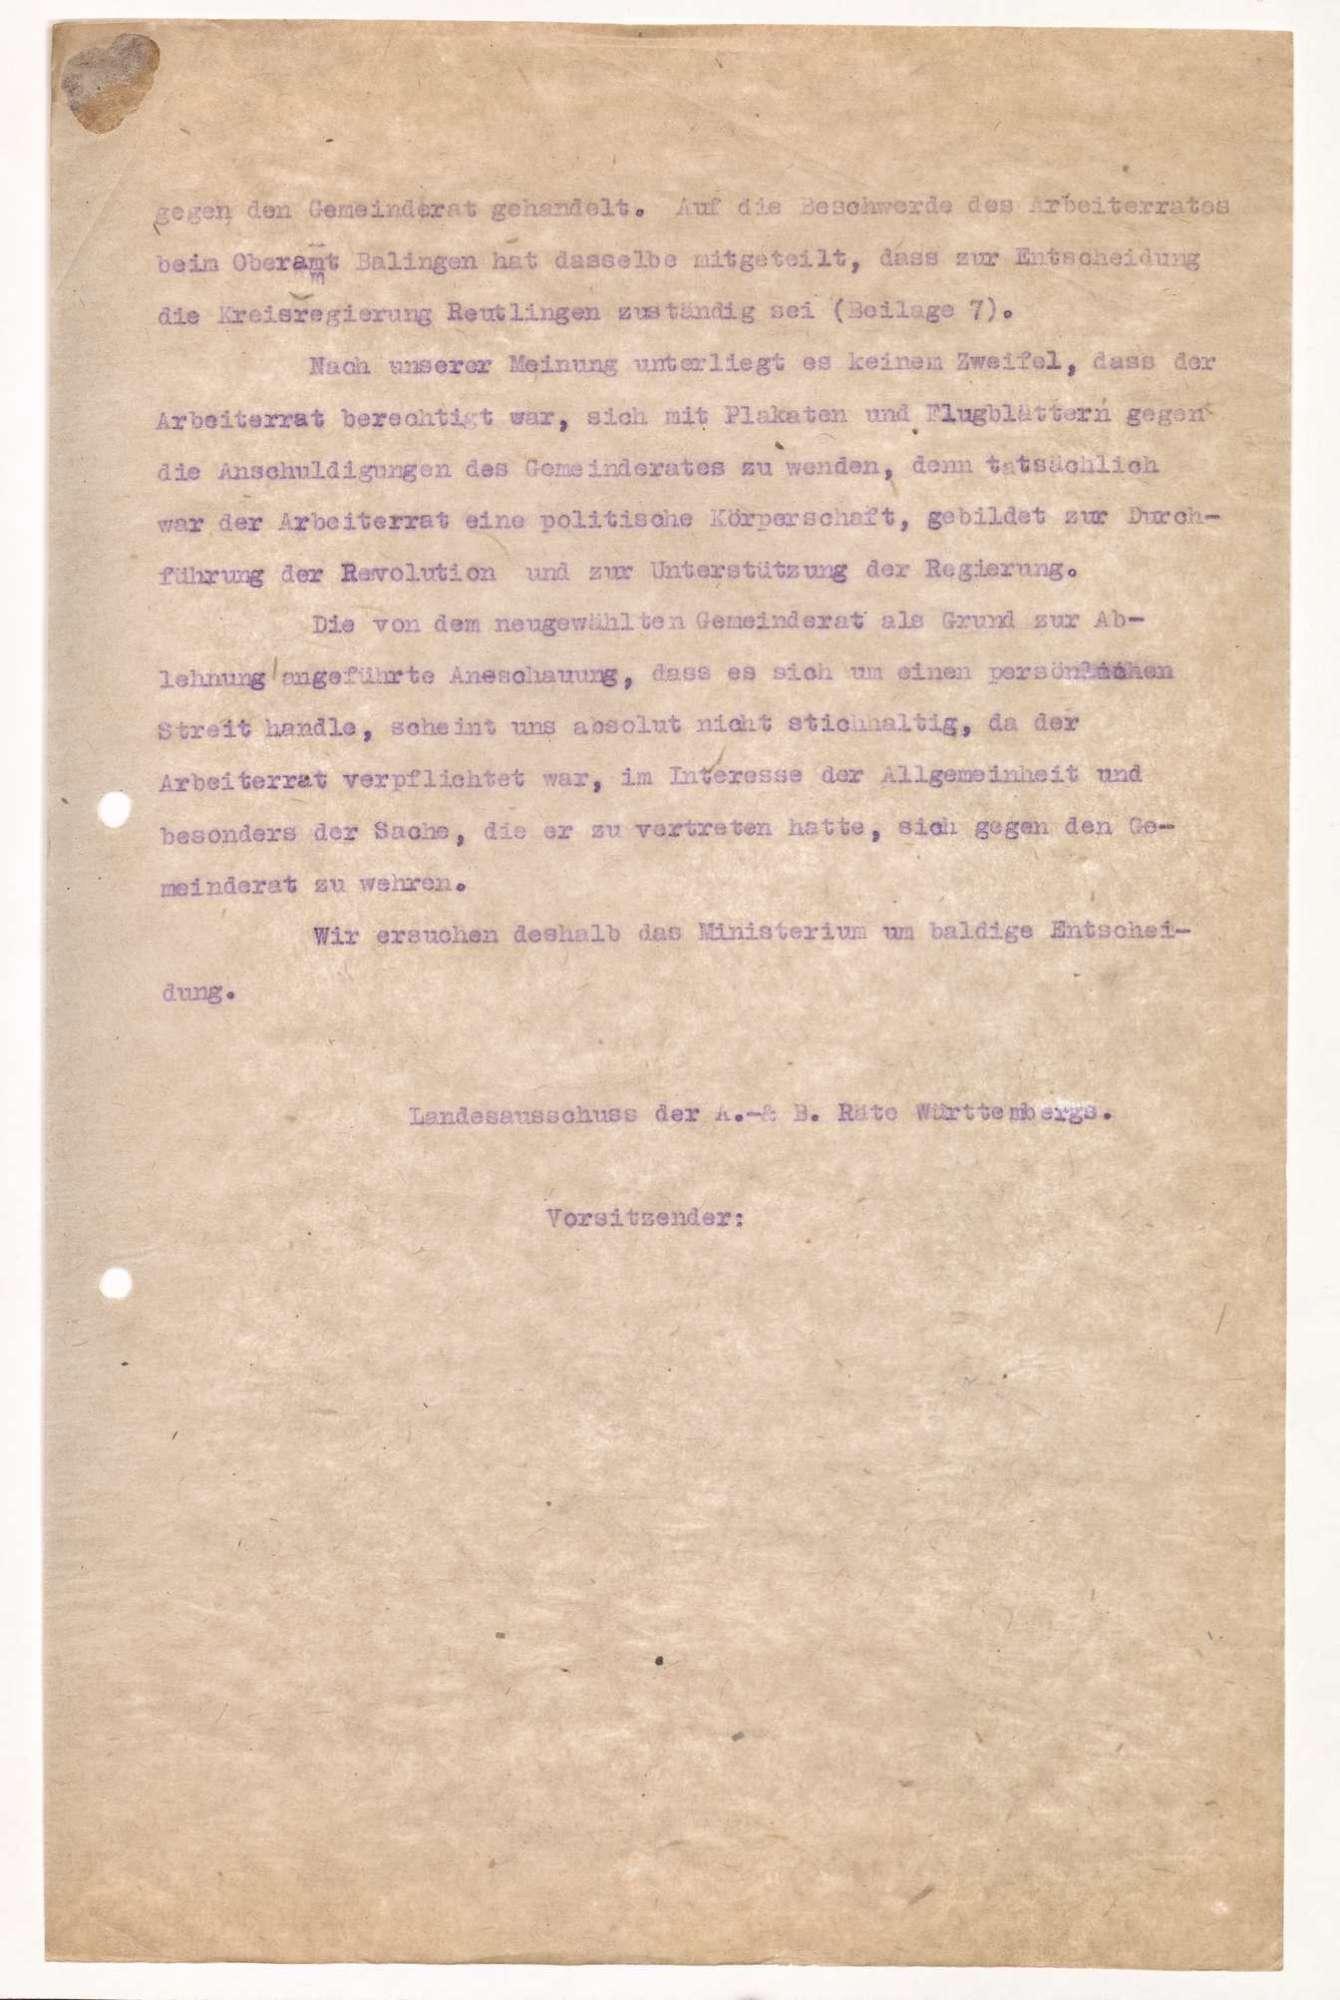 Finanzierung und Rechnungslegung örtlicher Arbeiter- und Bauernräte im Oberamt Balingen, Bild 3